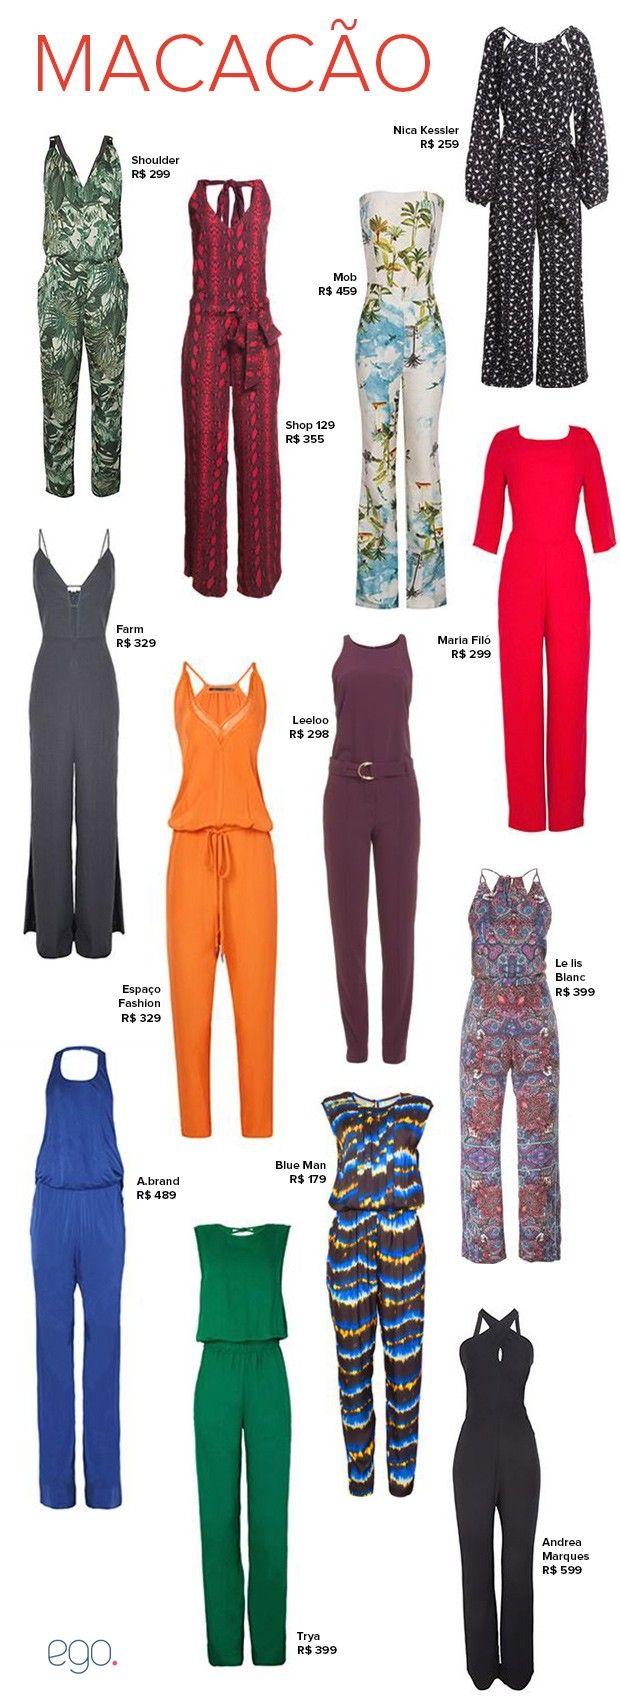 Macacão é aposta fashion da vez: bonito, barato e básico. Inspire-se!